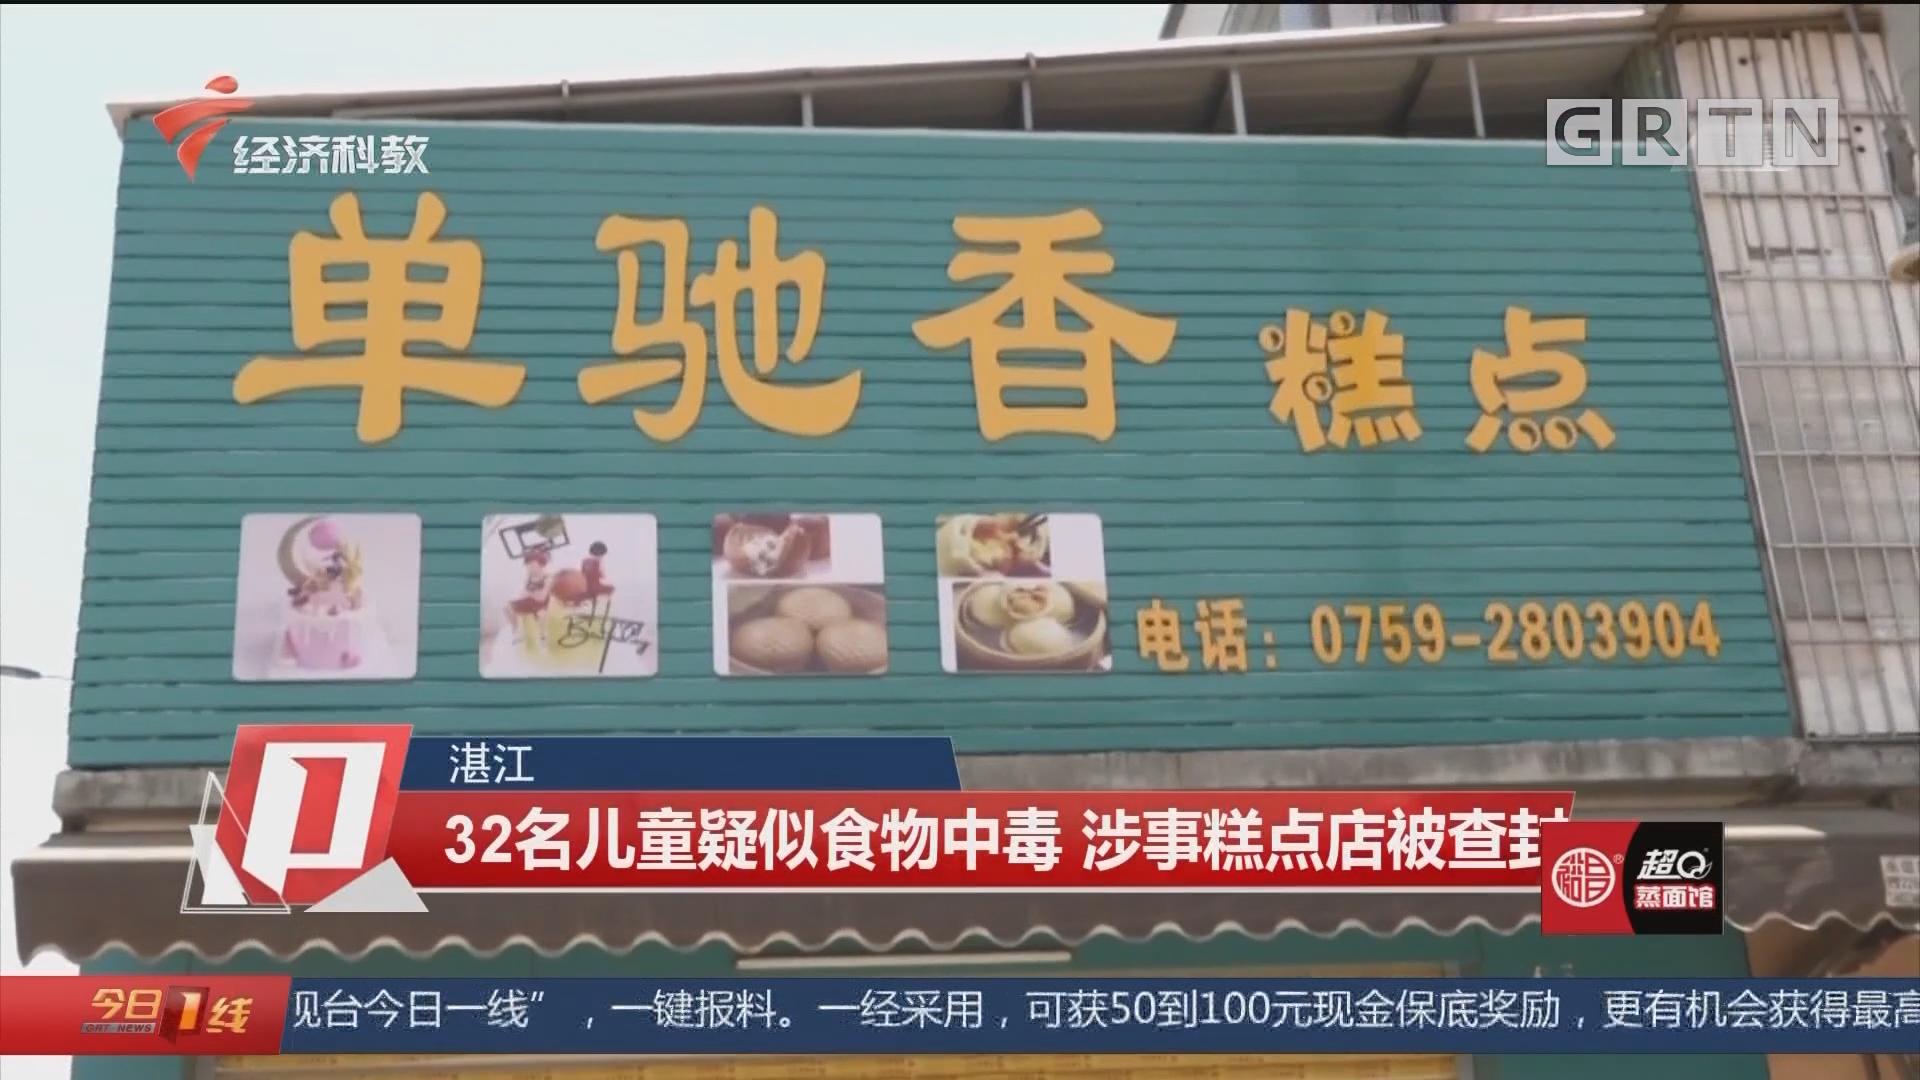 湛江 32名儿童疑似食物中毒 涉事糕点店被查封